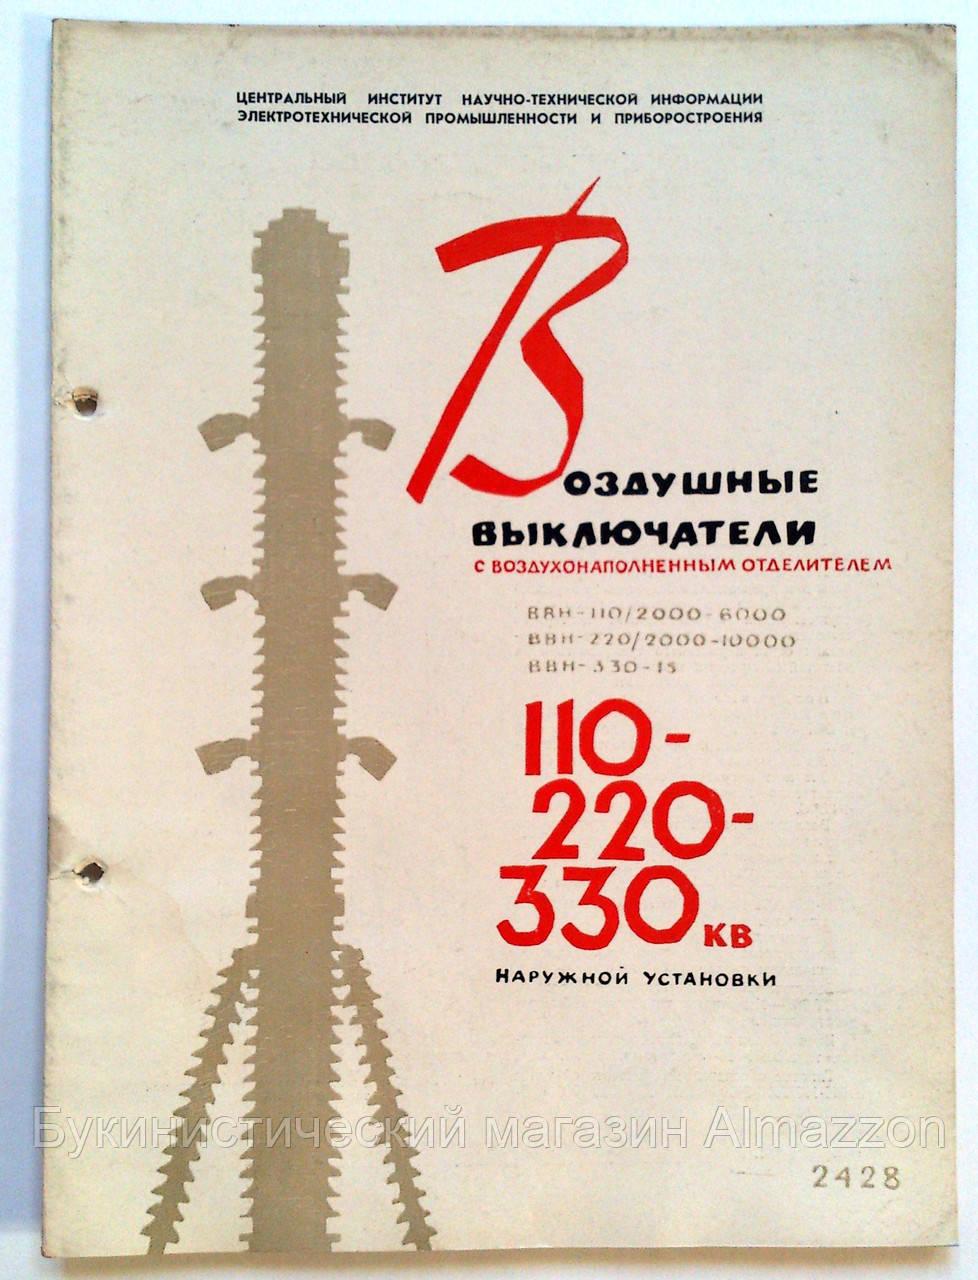 Журнал (Бюллетень) Воздушные выключатели с воздухонаполненным отделителем ВВН-110/2000-6000; ВВН-220/2000-100